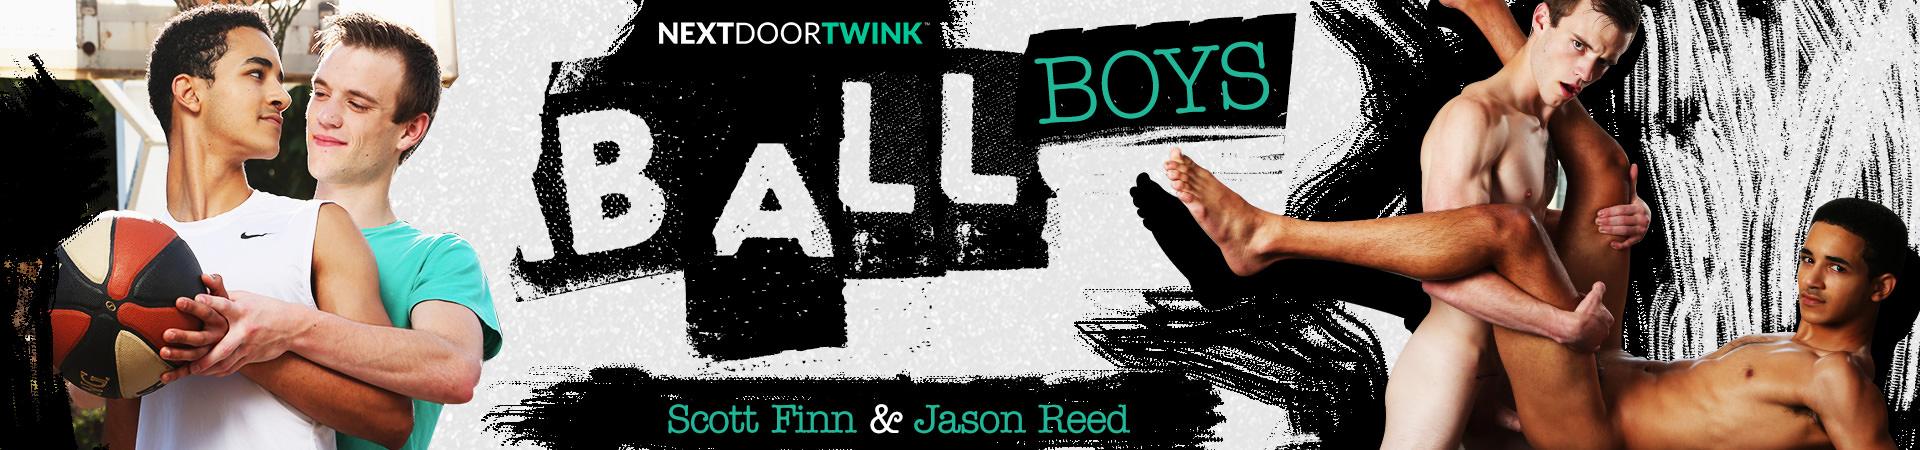 Ball Boys Featuring Jason Reed and Scott Finn